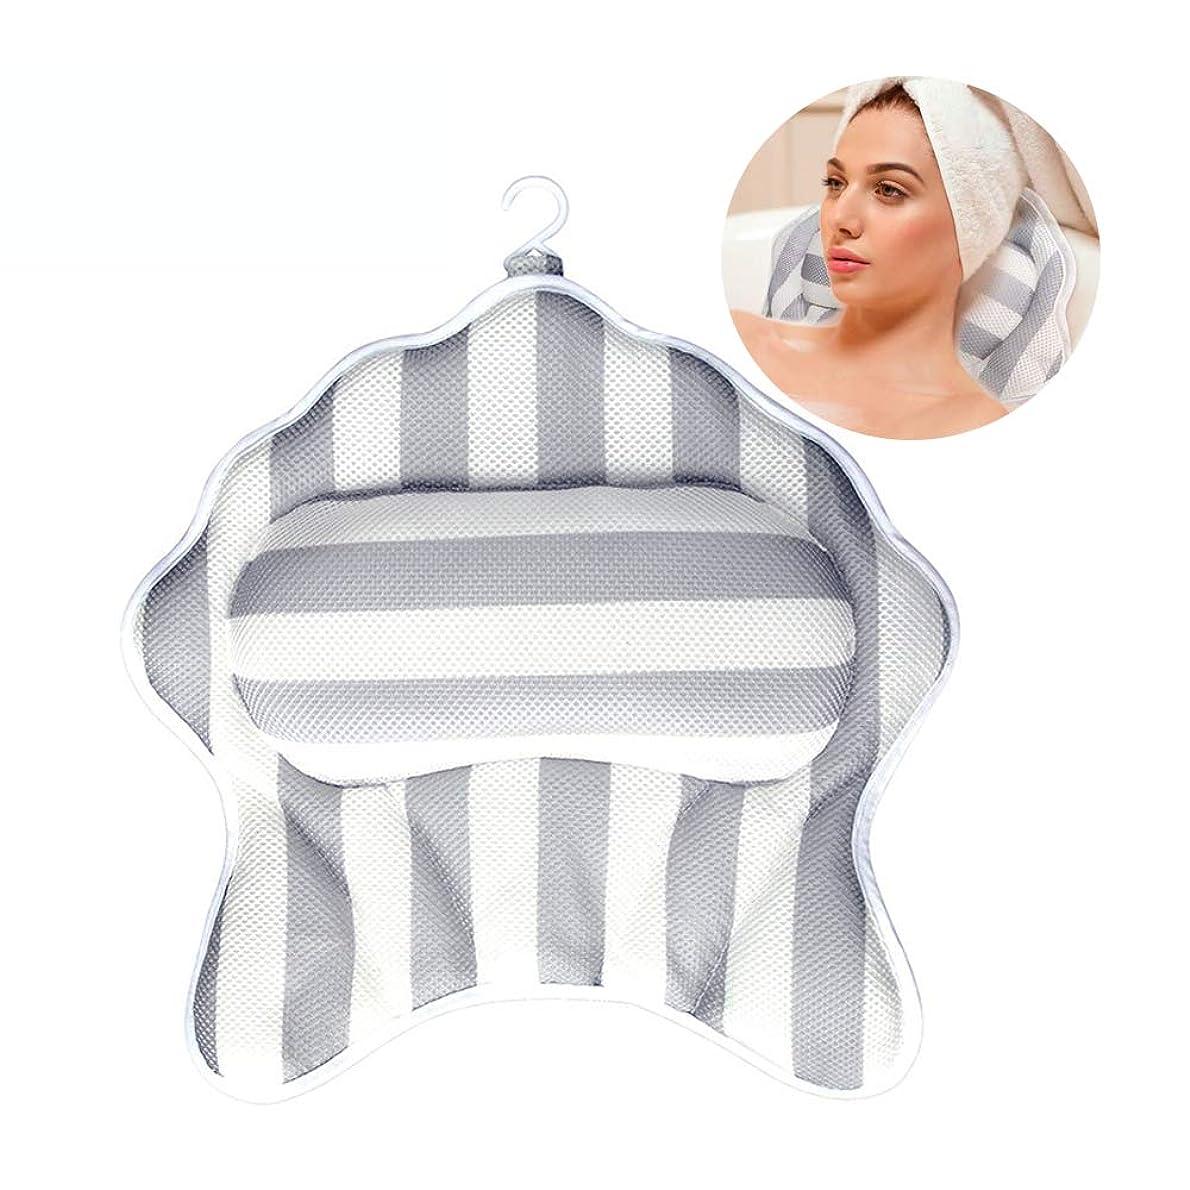 ハム摂氏度ハンサム3dメッシュヒトデスパマッサージバスタブ枕浴室枕クッションwith6強い吸引カップは洗濯機で洗えます